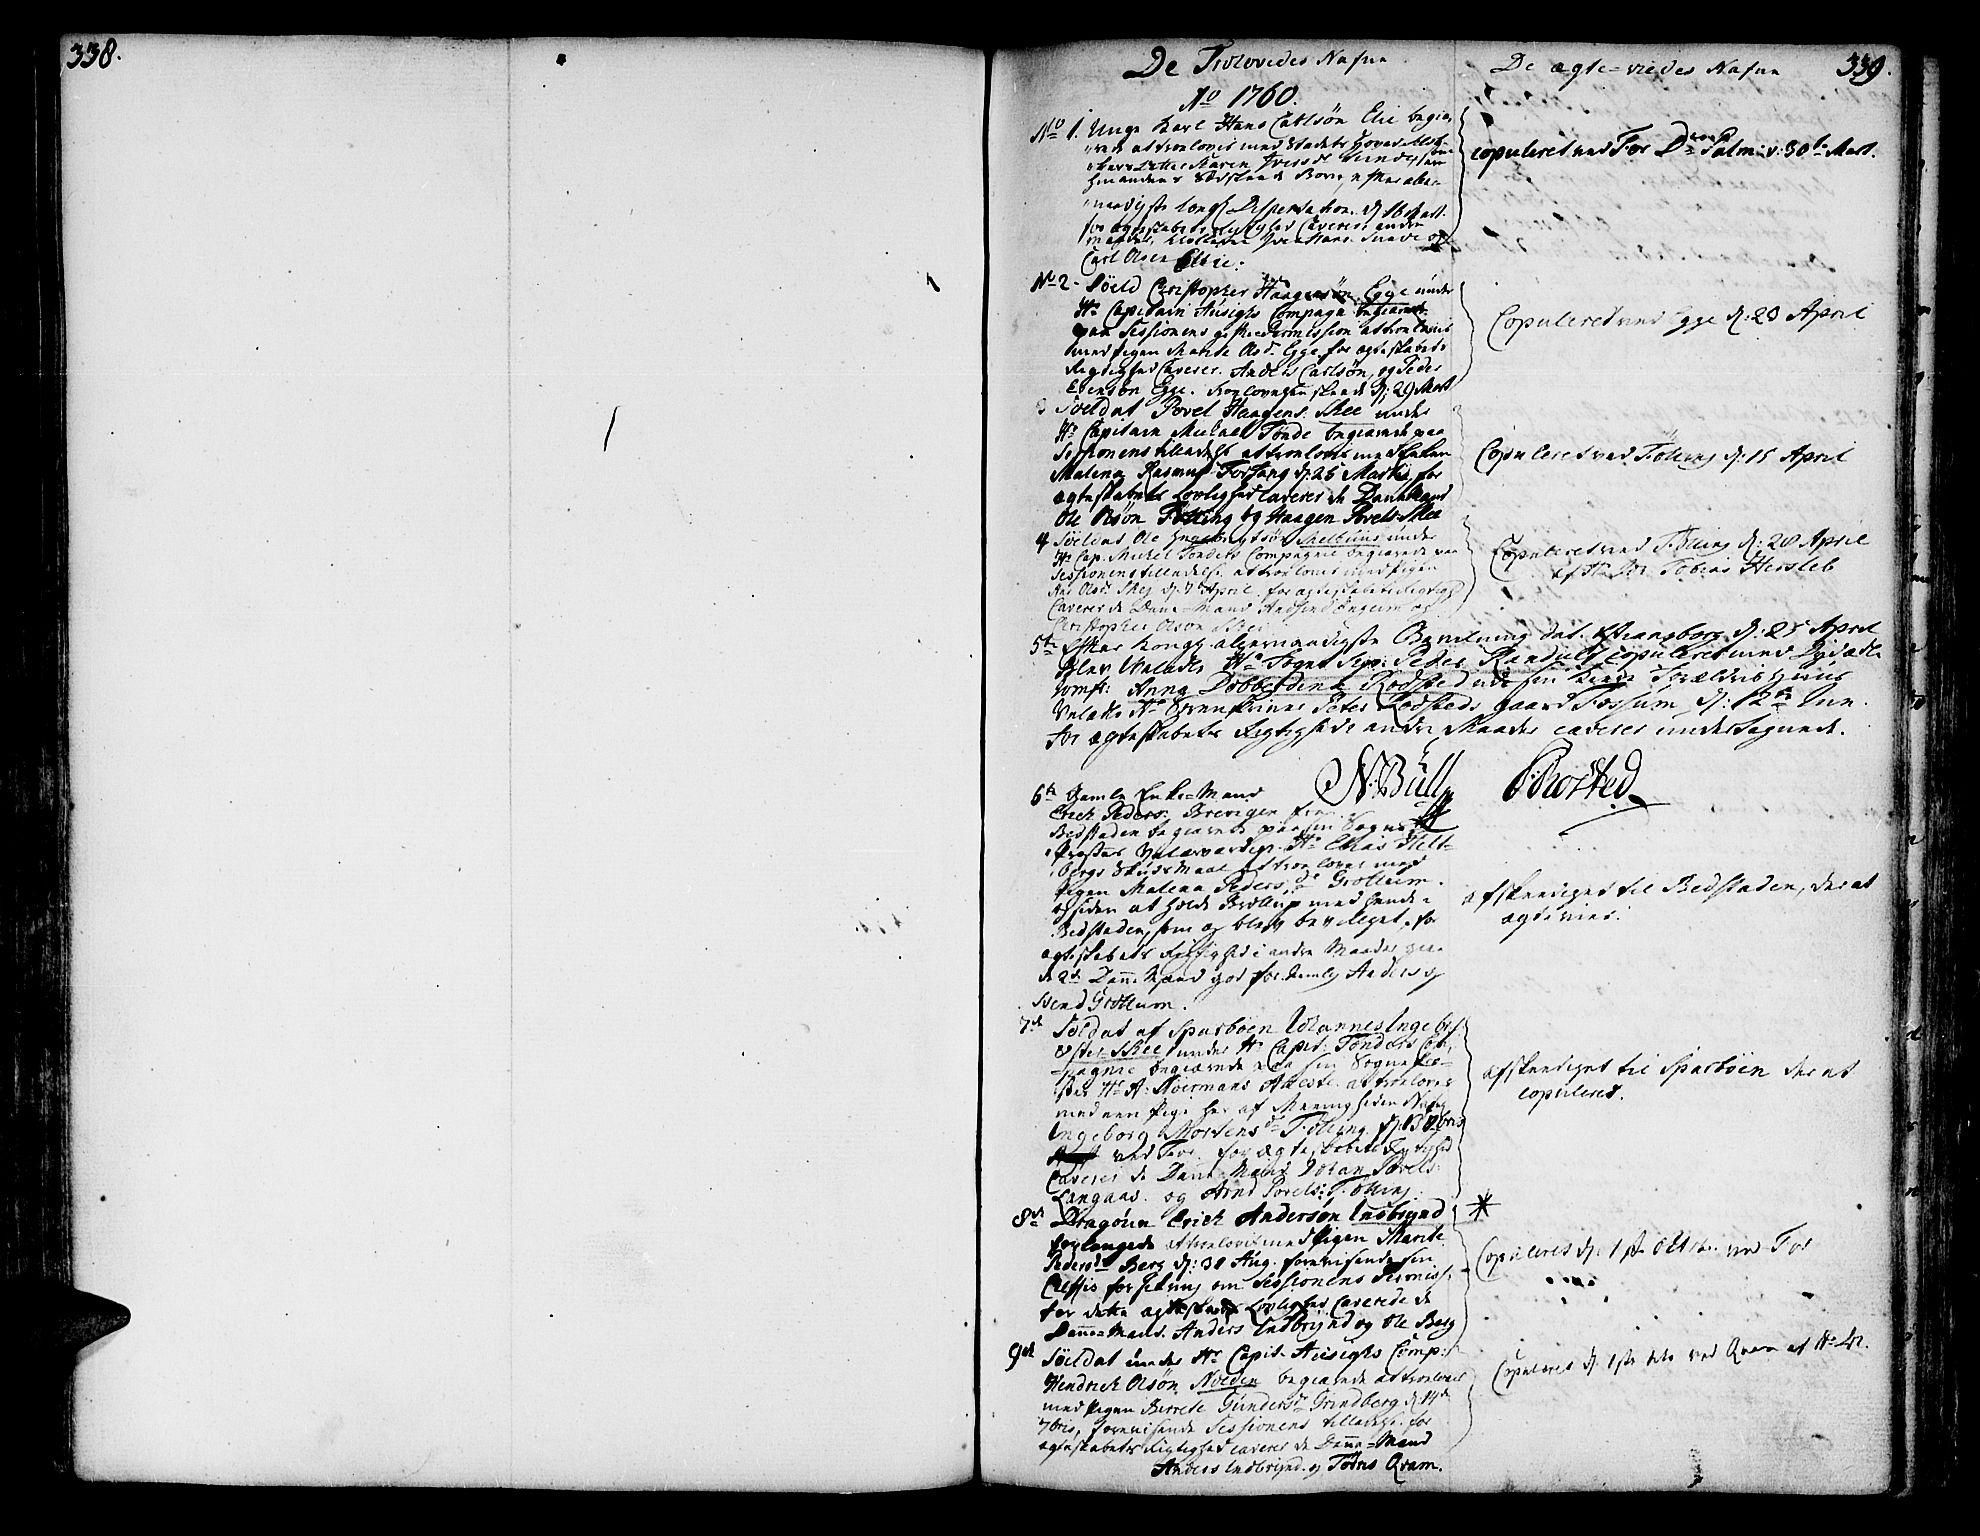 SAT, Ministerialprotokoller, klokkerbøker og fødselsregistre - Nord-Trøndelag, 746/L0440: Ministerialbok nr. 746A02, 1760-1815, s. 338-339